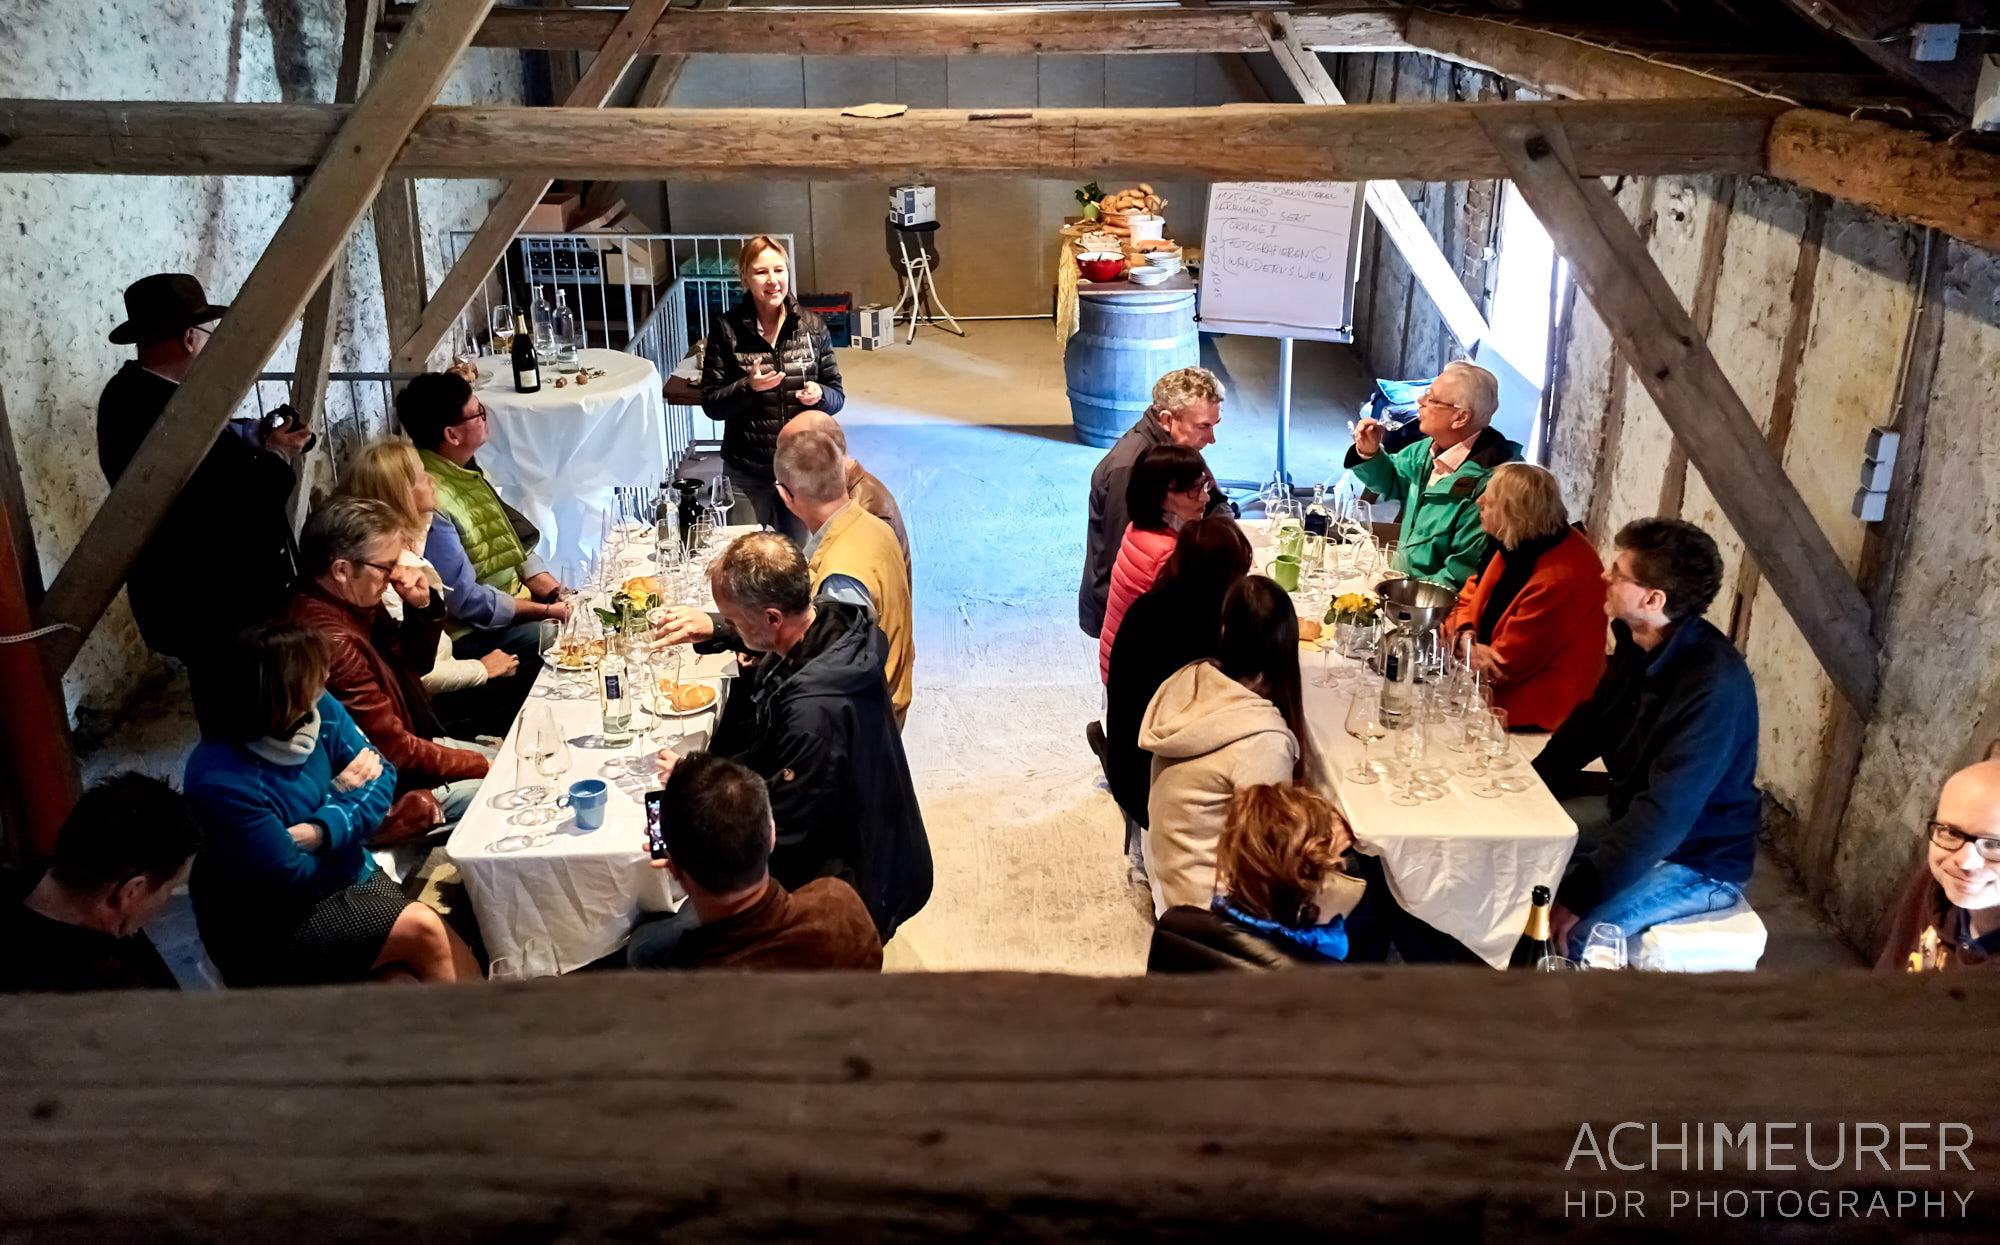 Impressionen vom zweiten VinoCamp 2017 in Flörsheim-Dahlsheim #vcrhh17 by Array.